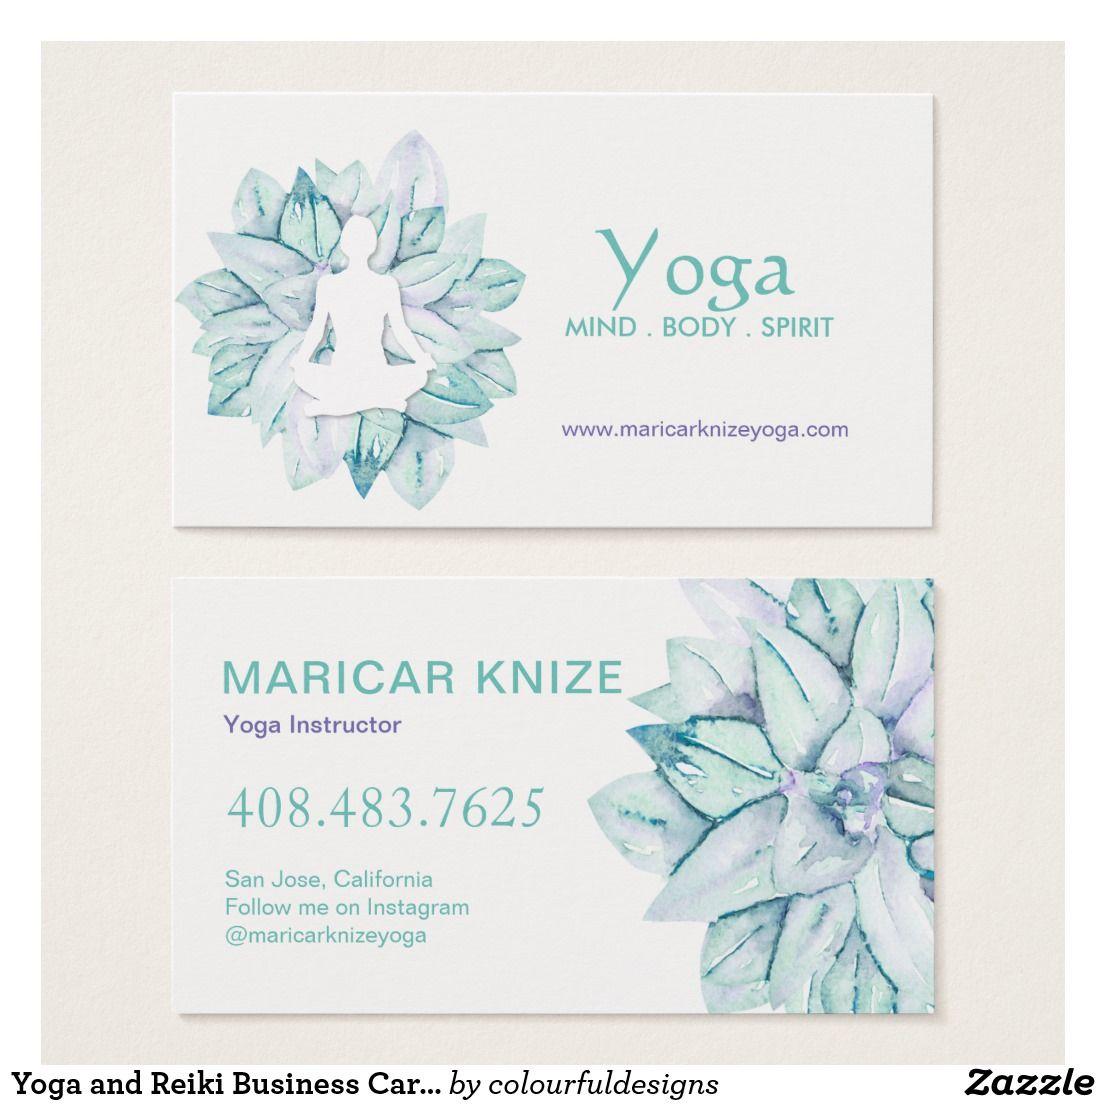 Yoga and Reiki Business Cards | yoga studio | Pinterest